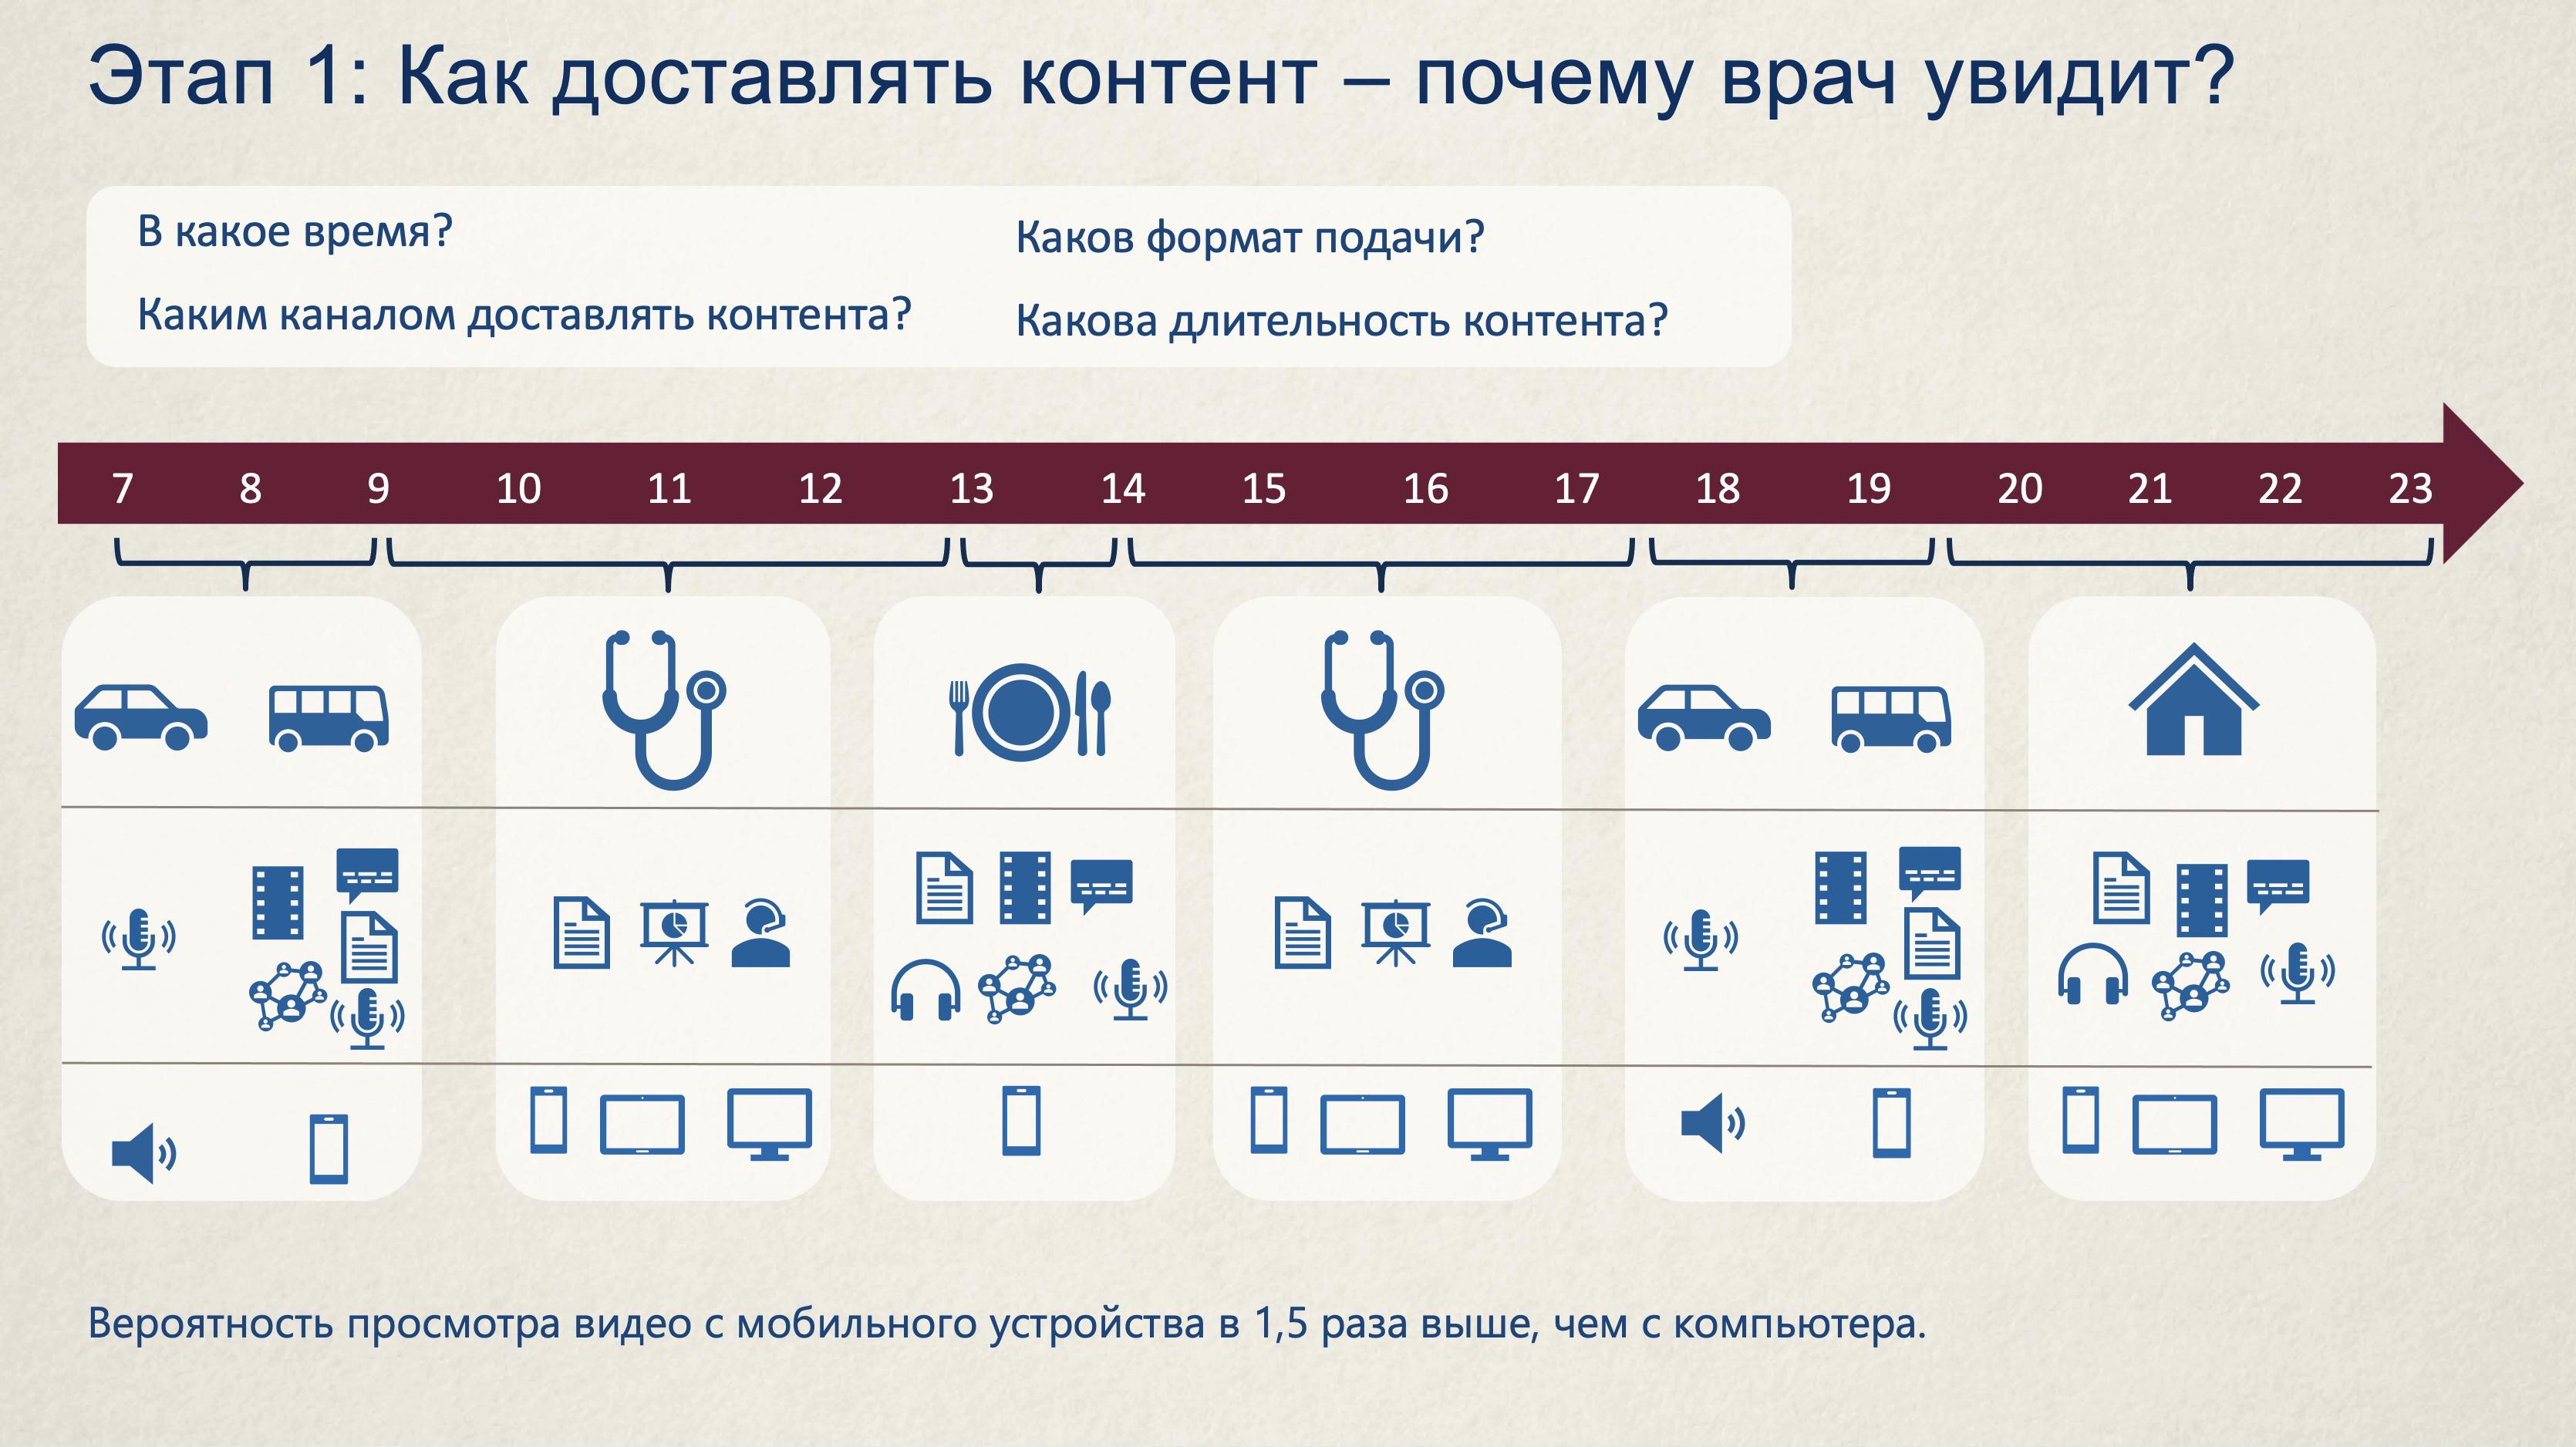 Использование контента на фармацевтическом рынке, как стать ближе к врачу